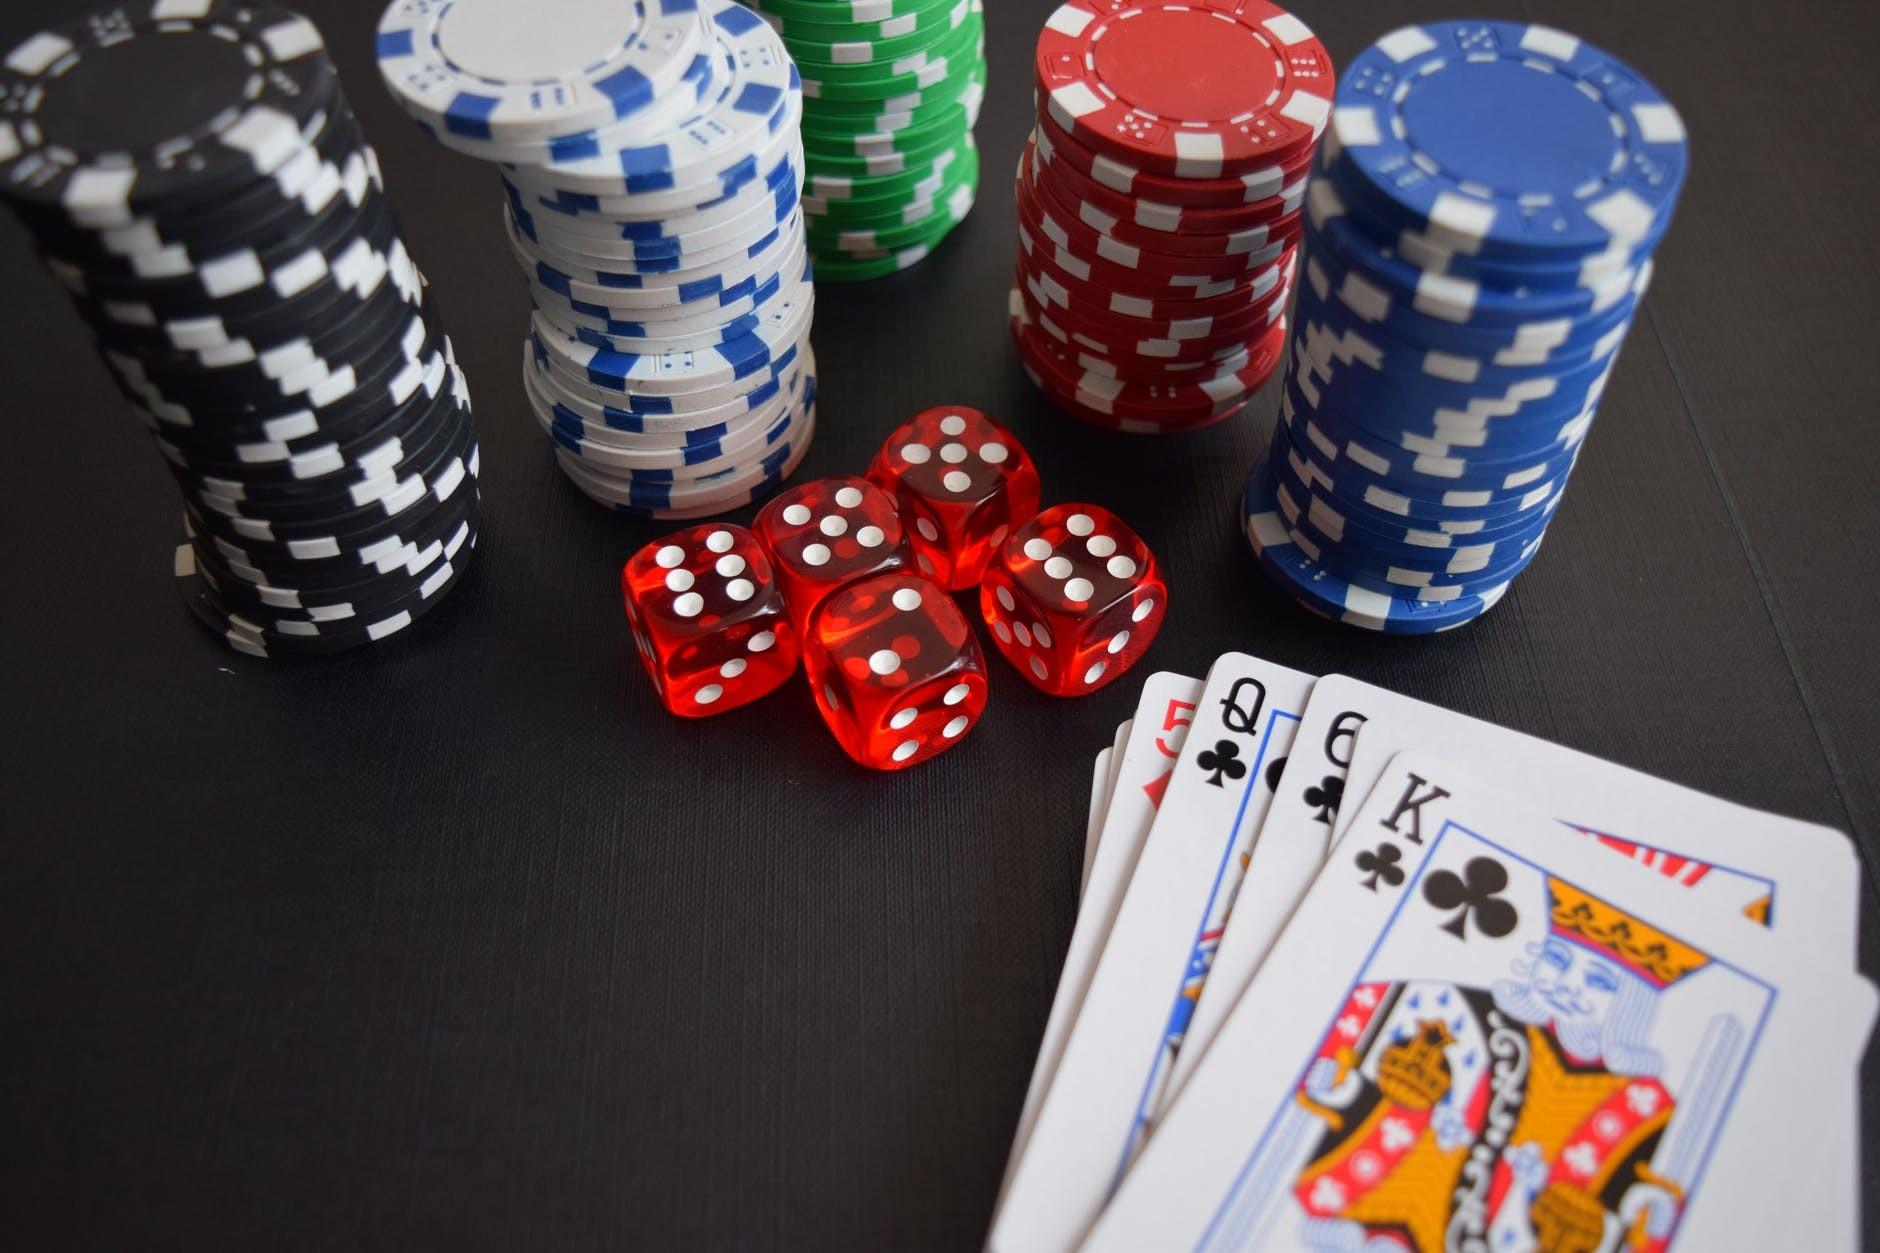 wie-online-glucksspiel-funktioniert-8643f8130ecda87979335ba26b4acd2a.jpg